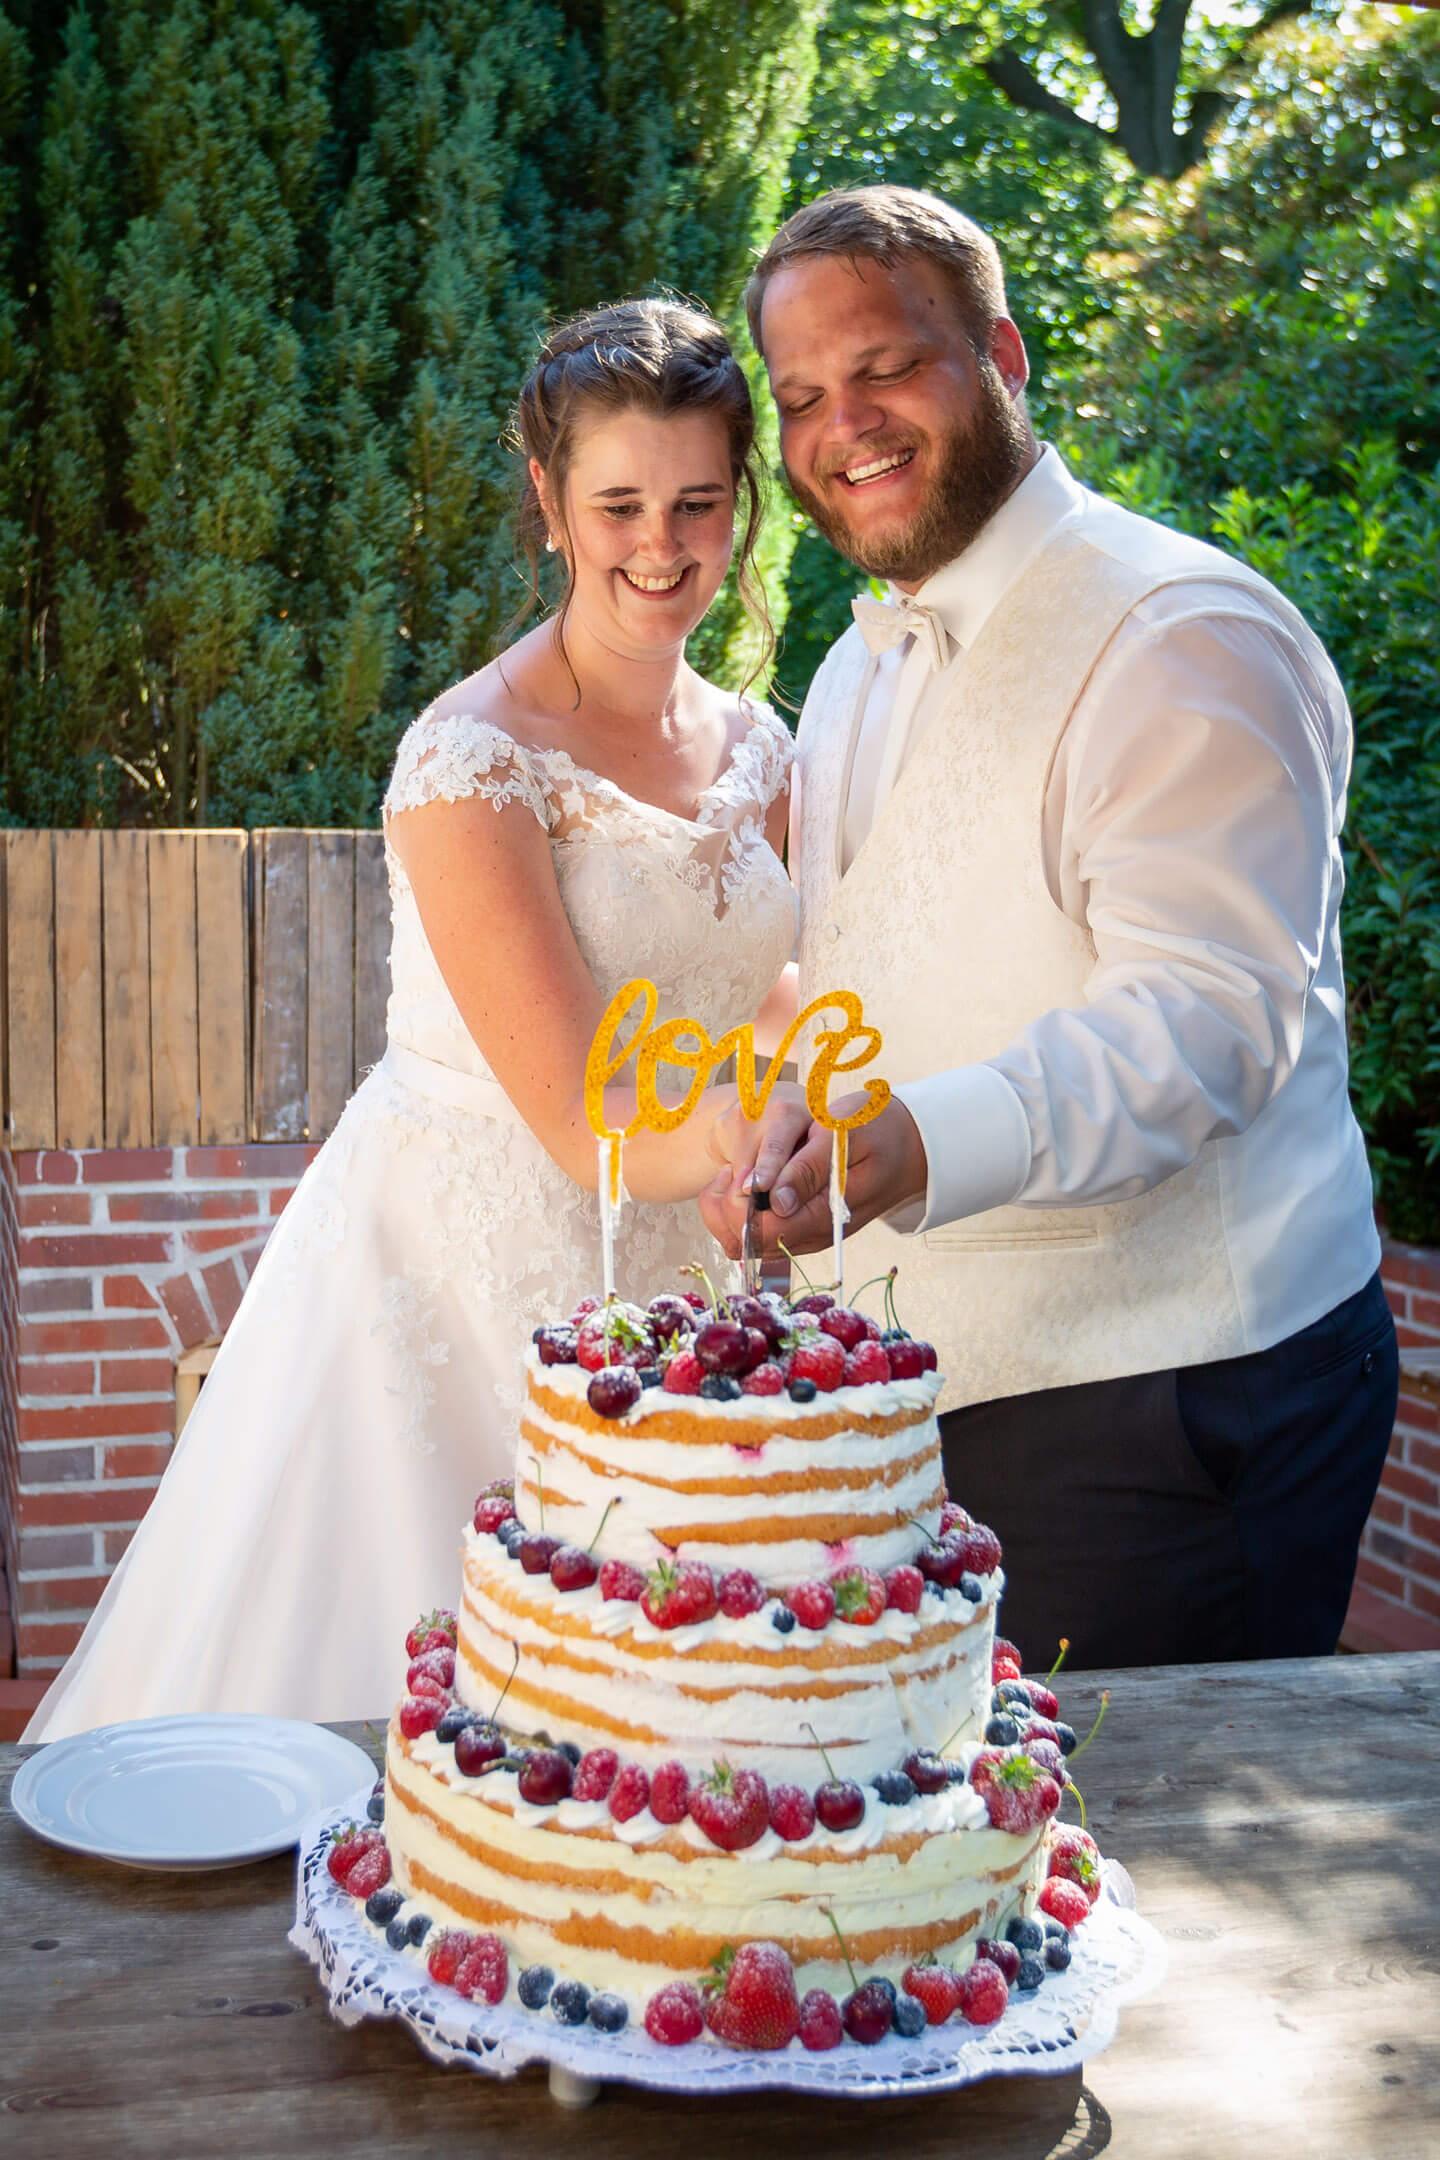 Ein großer Moment: der Anschnitt der Hochzeitstorte